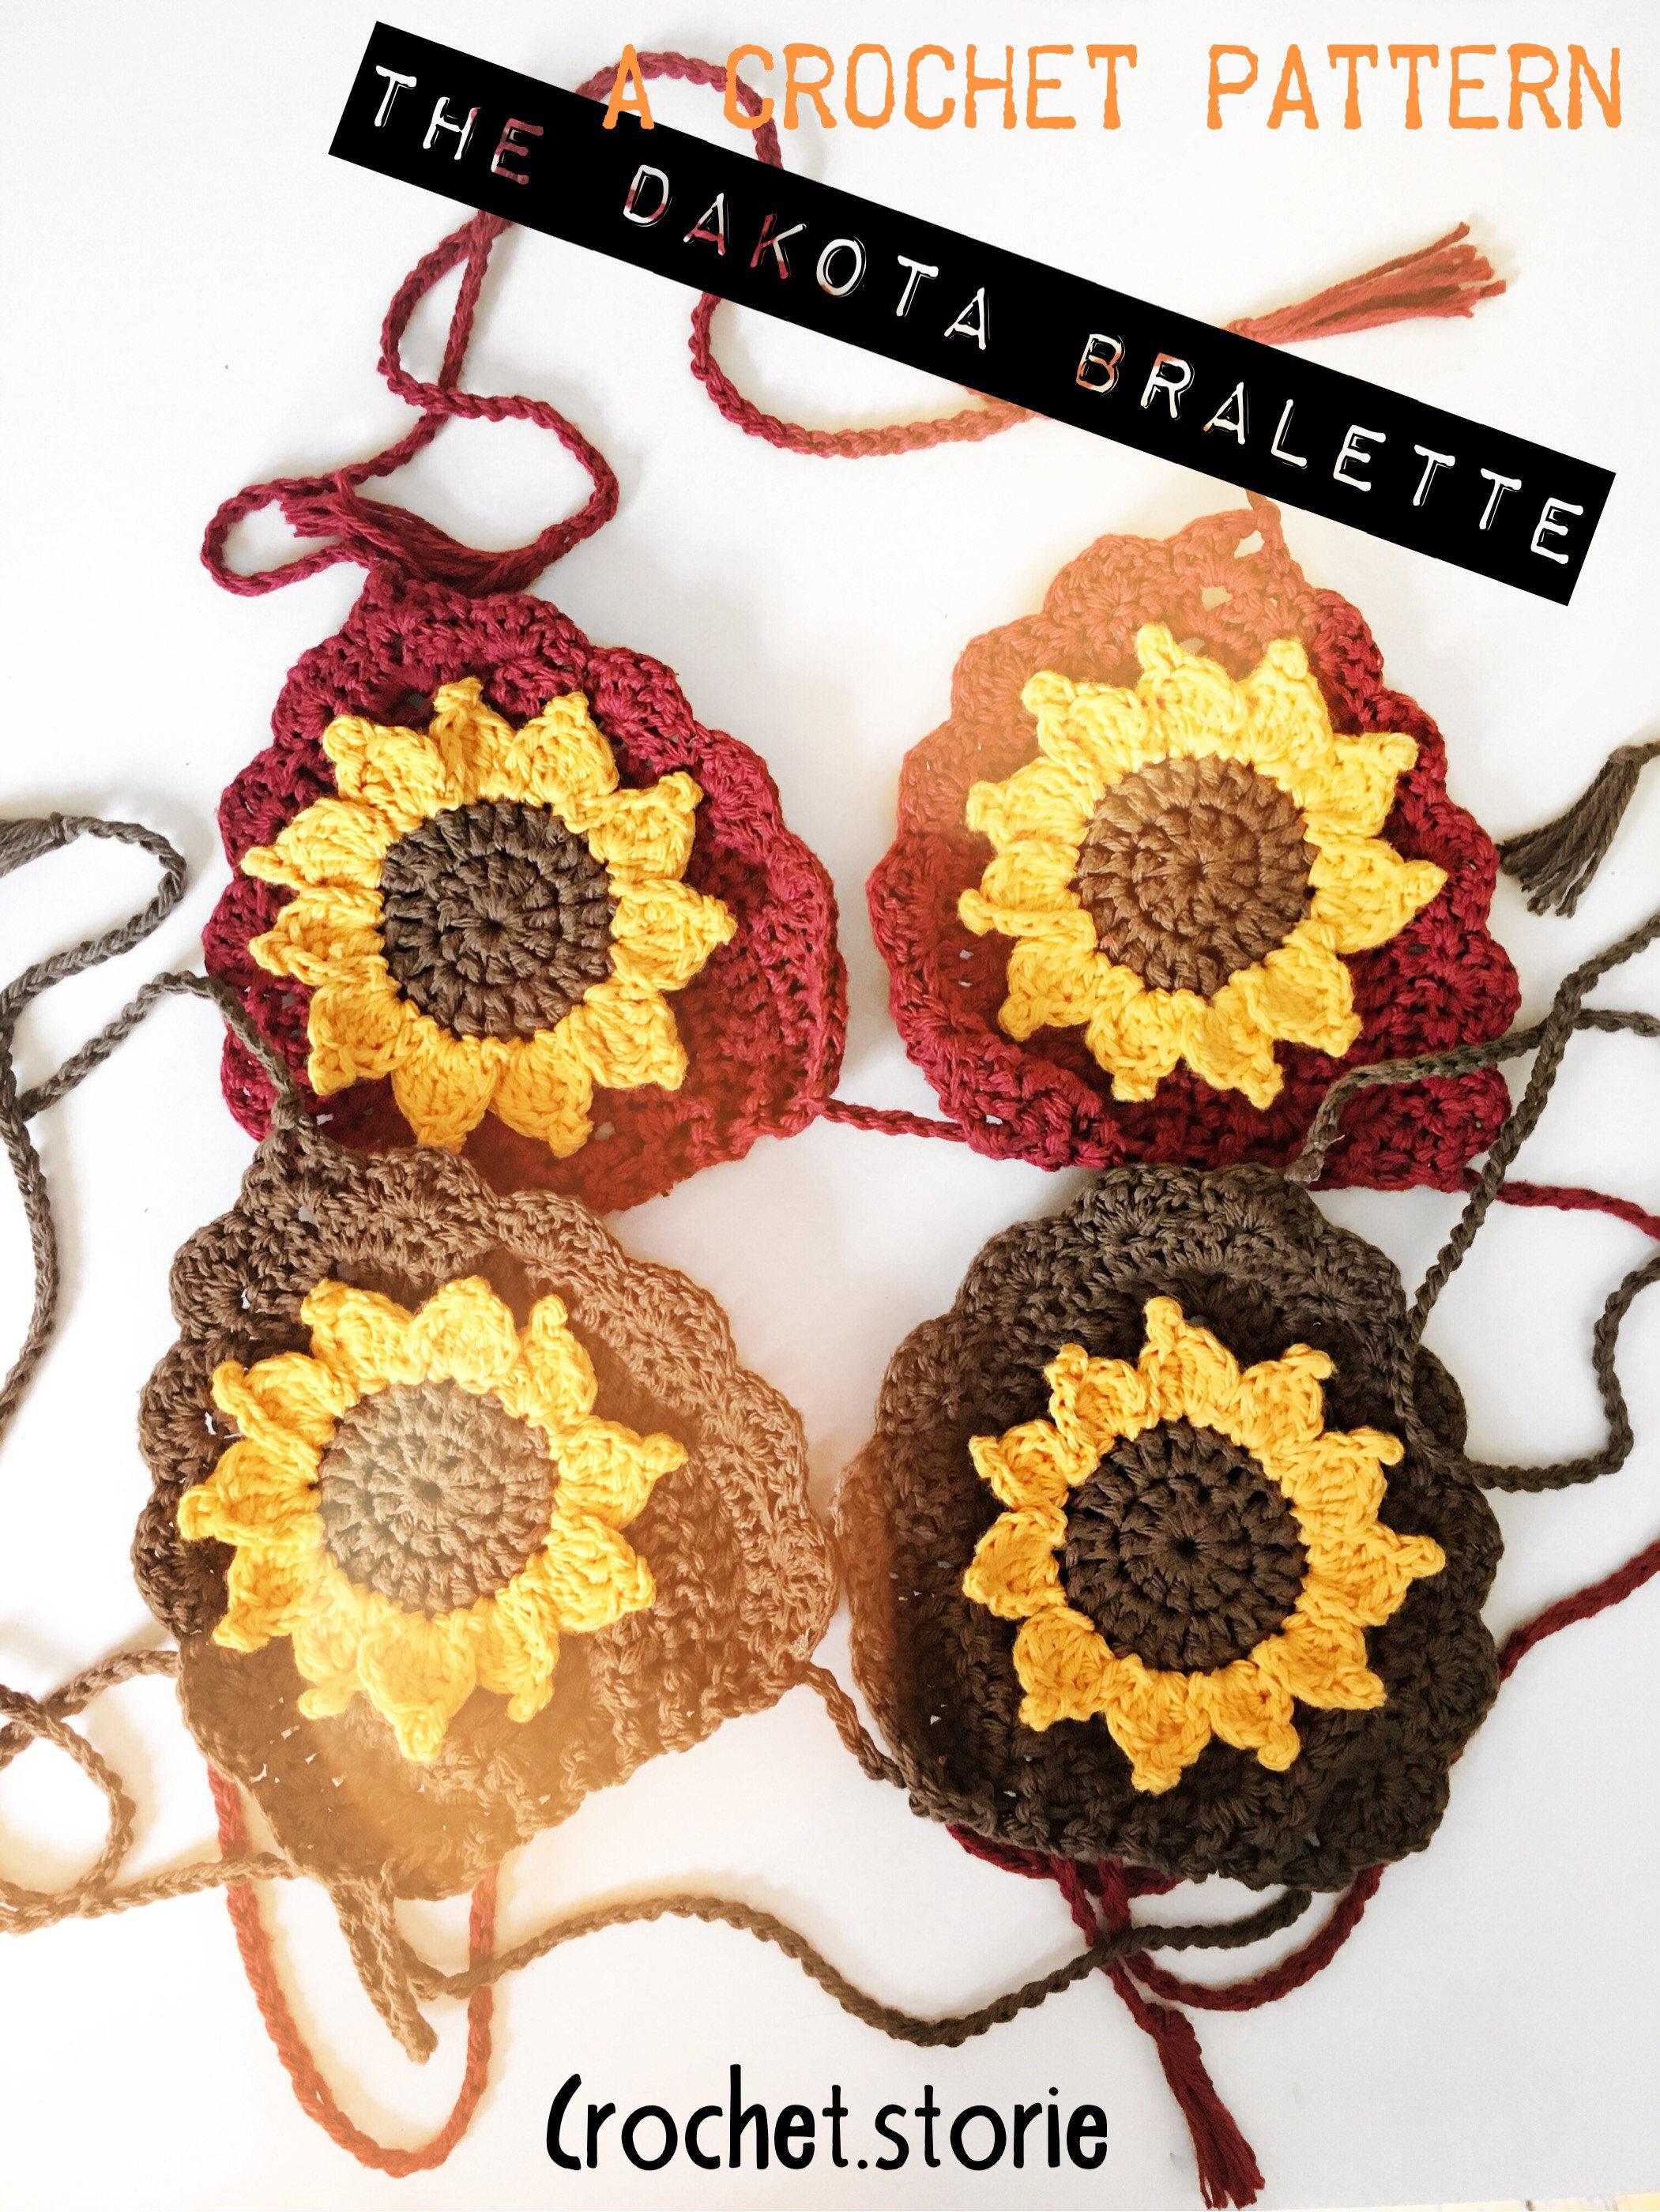 Crochet Pattern The Dakota Bralette Pattern 1 Size Crop Top